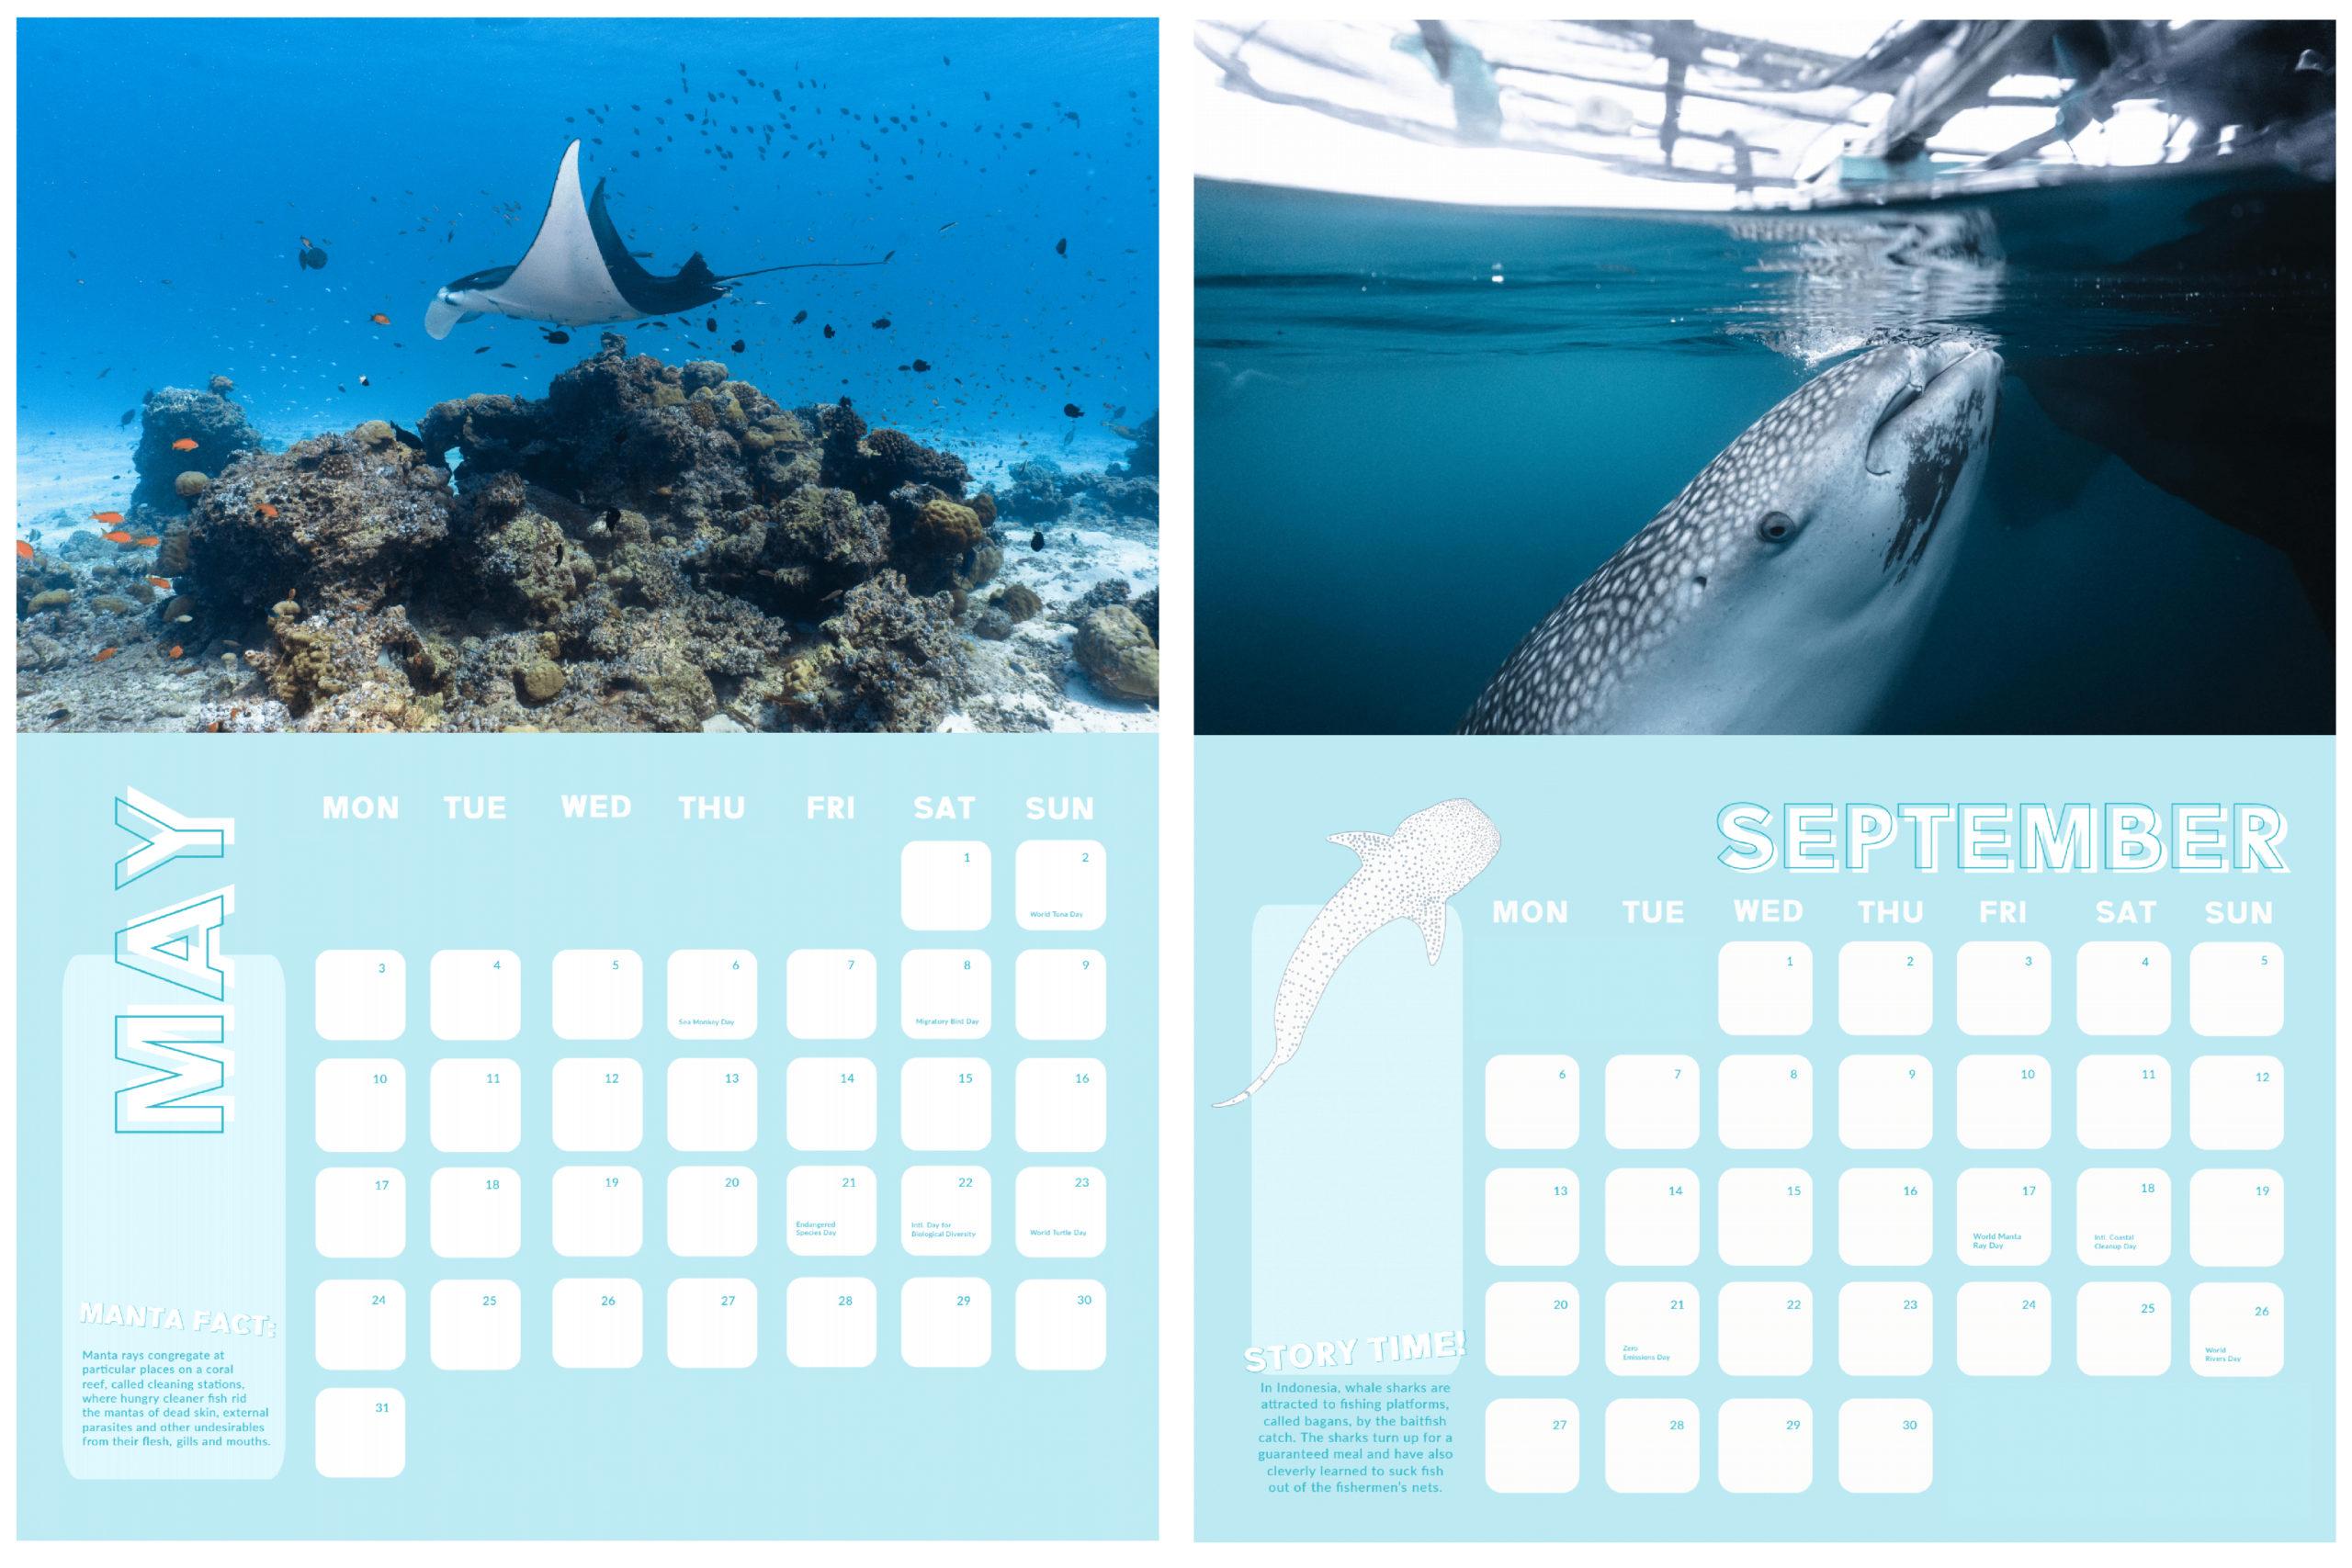 whale sharks and manta rays calendar